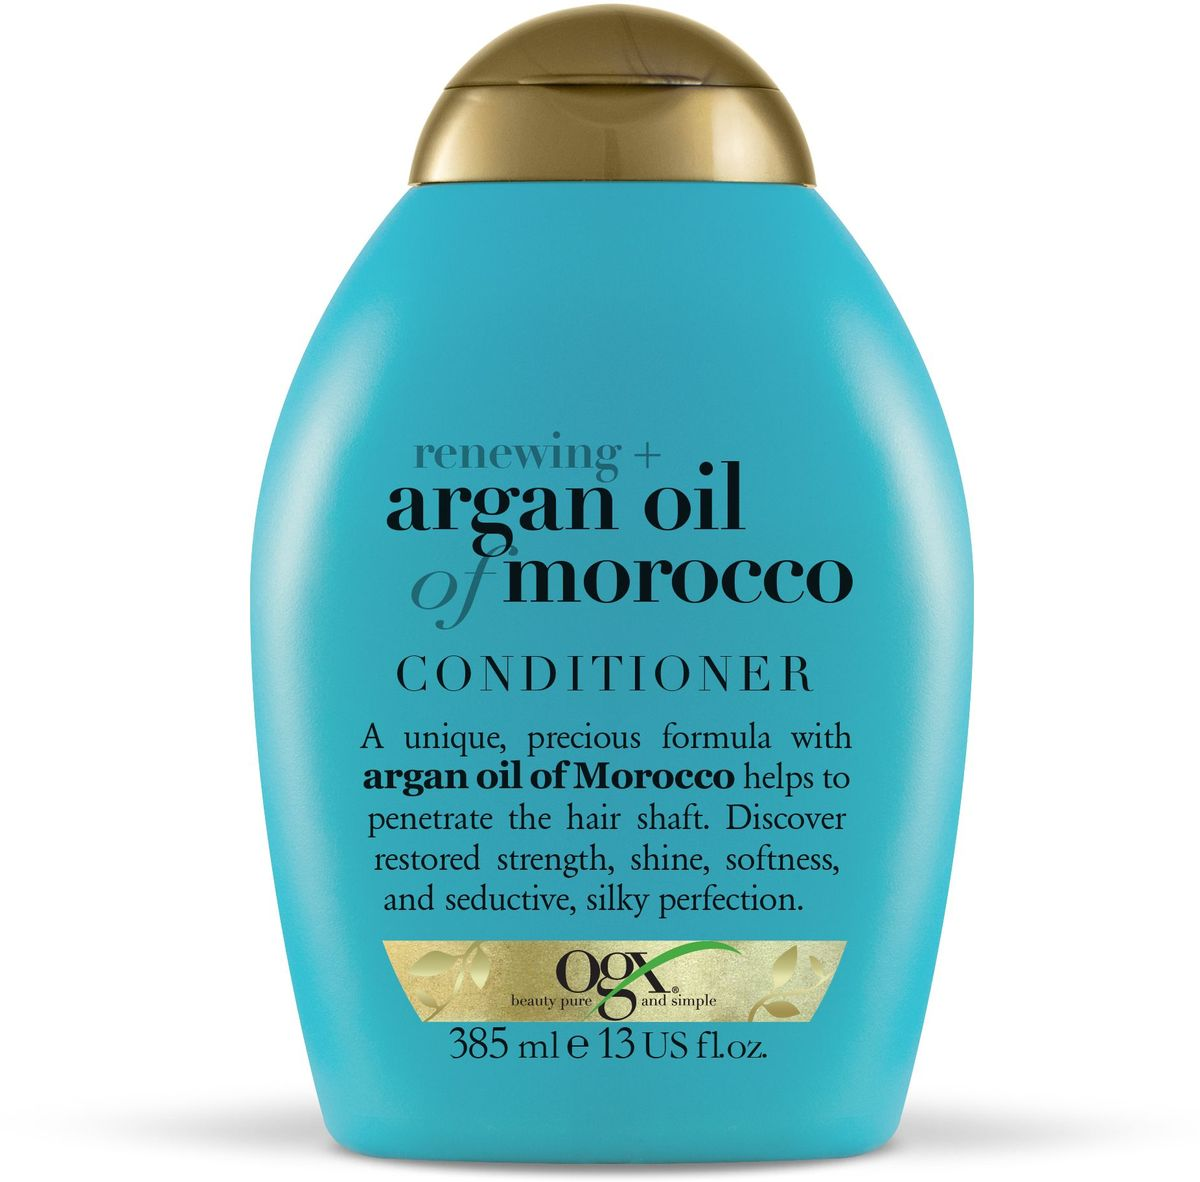 OGX Кондиционер для восстановления волос с аргановым маслом, 385 мл.V-11905Кондиционер для восстановления волос с аргановым маслом, обогащенный антиоксидантами, способствует обновлению клеточной структуры волос, придает сияния и мягкость.